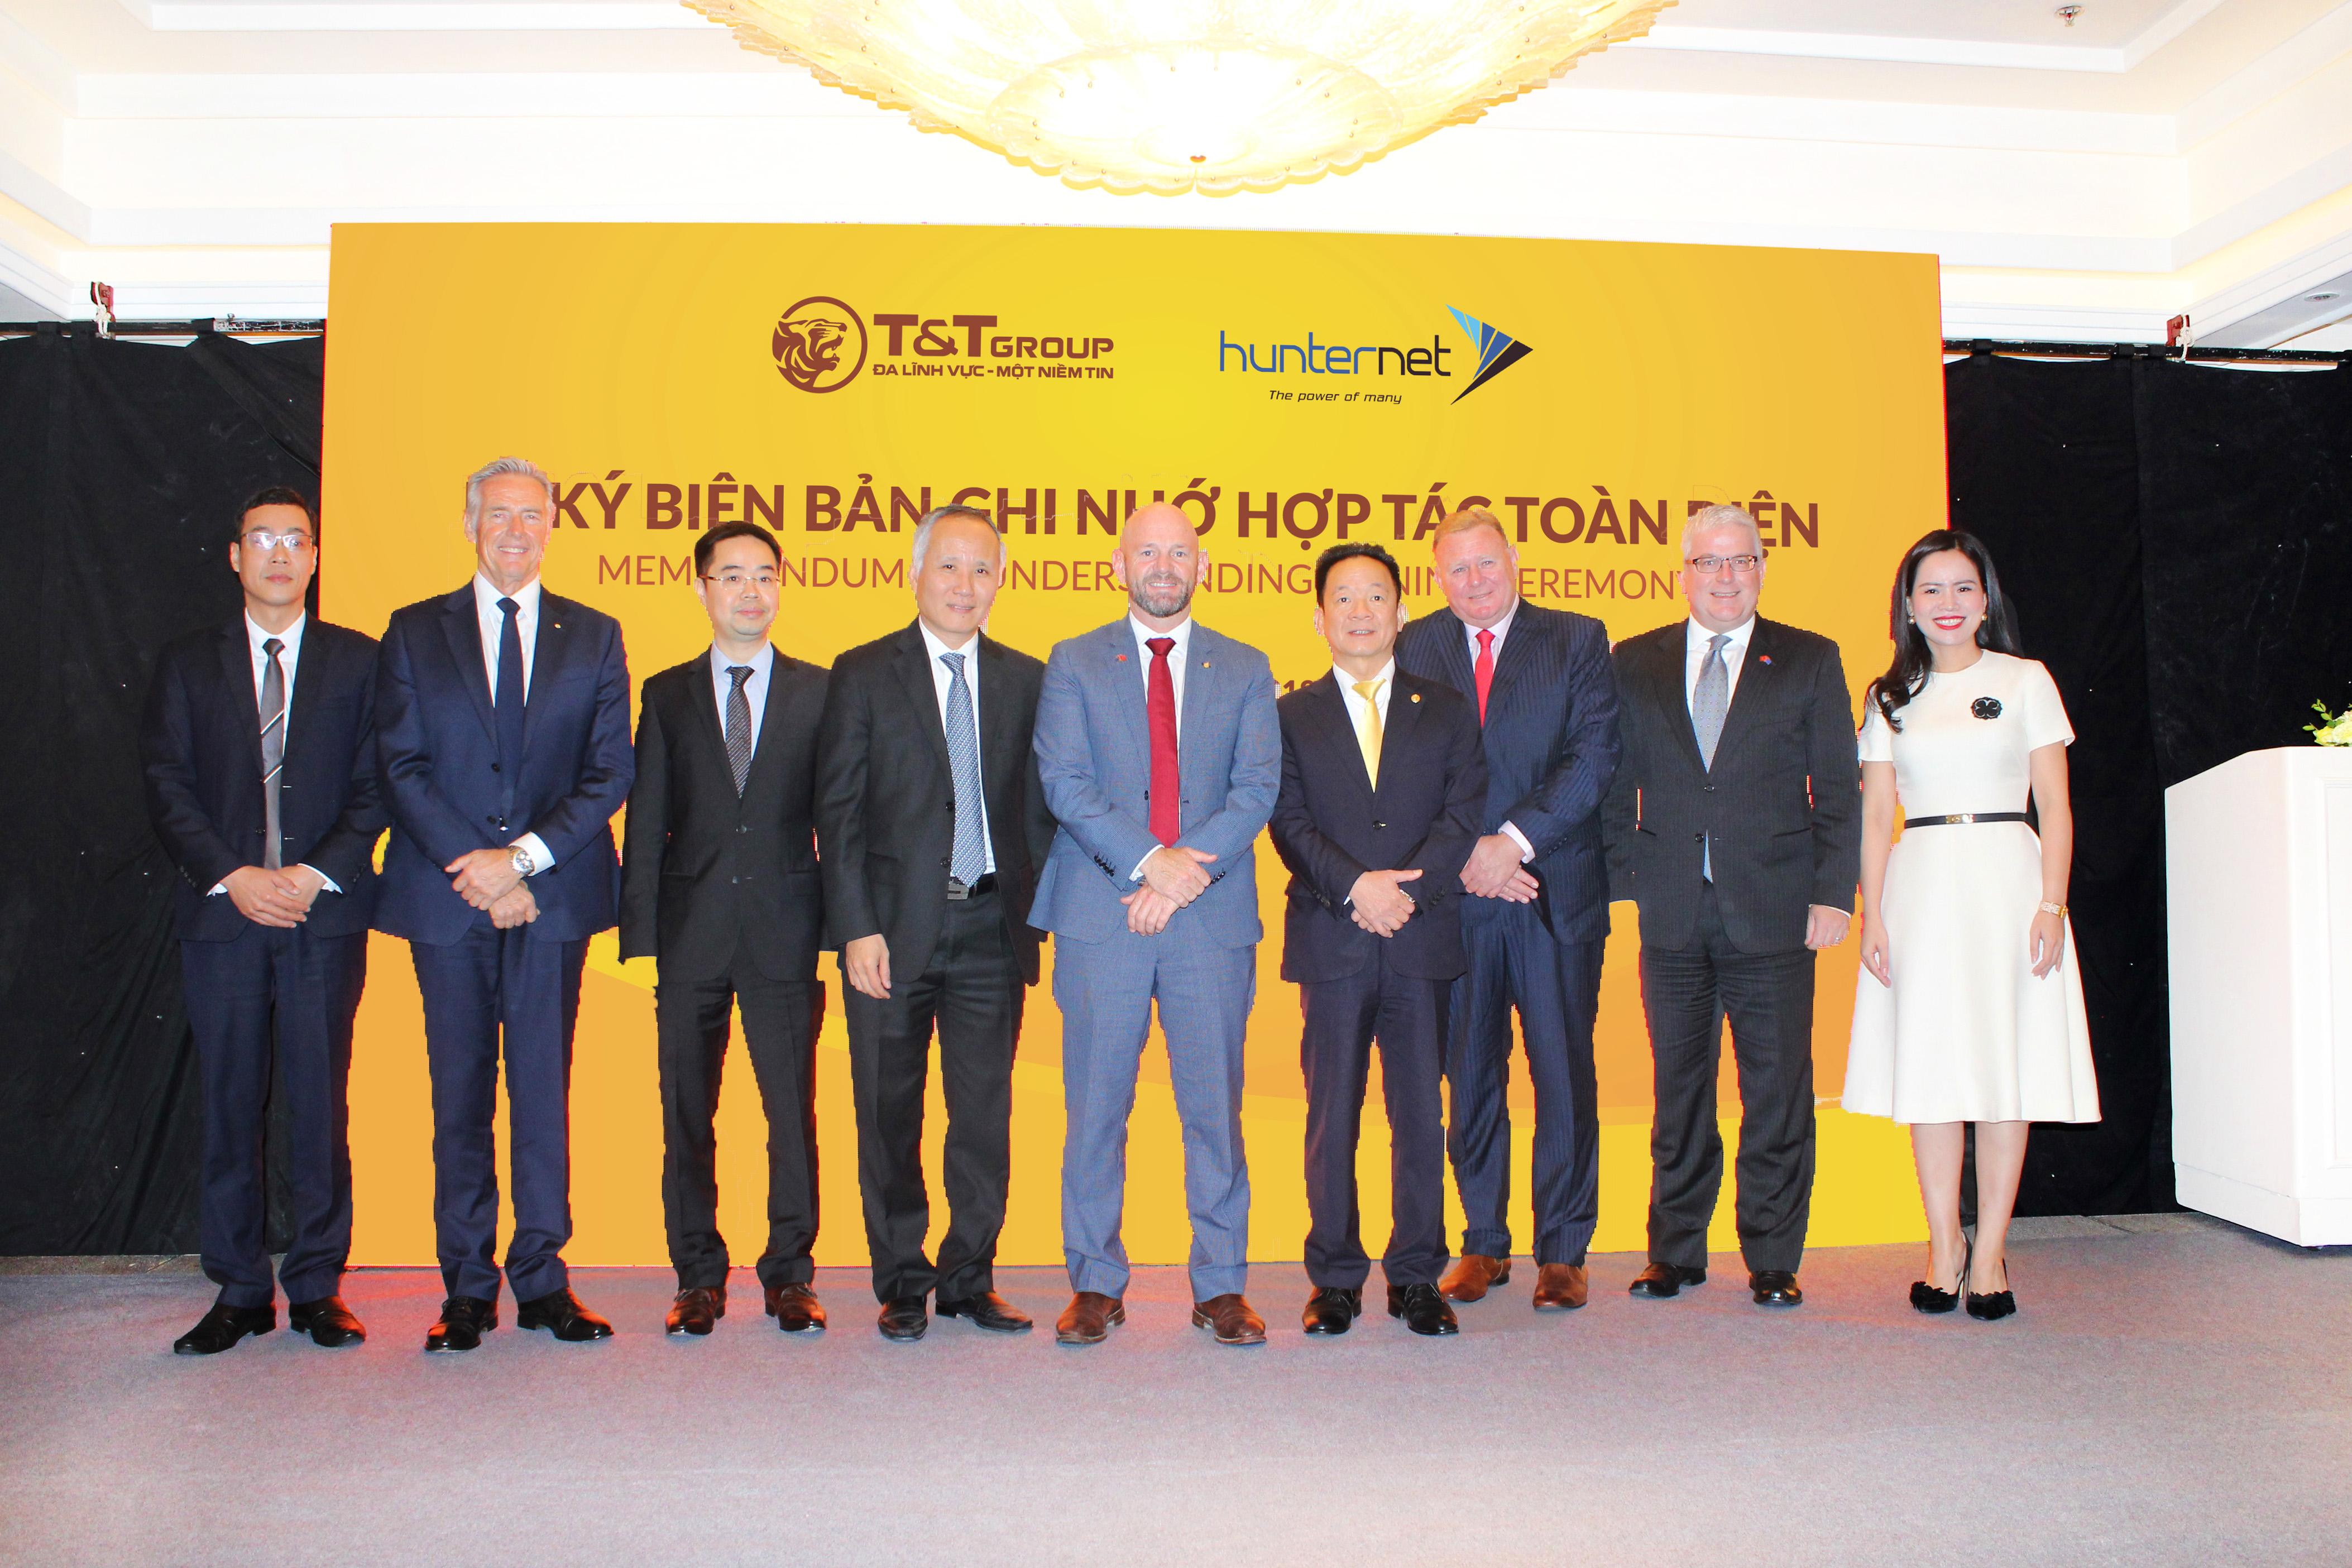 T&T Group hợp tác toàn diện với Hiệp hội doanh nghiệp HunterNet Úc